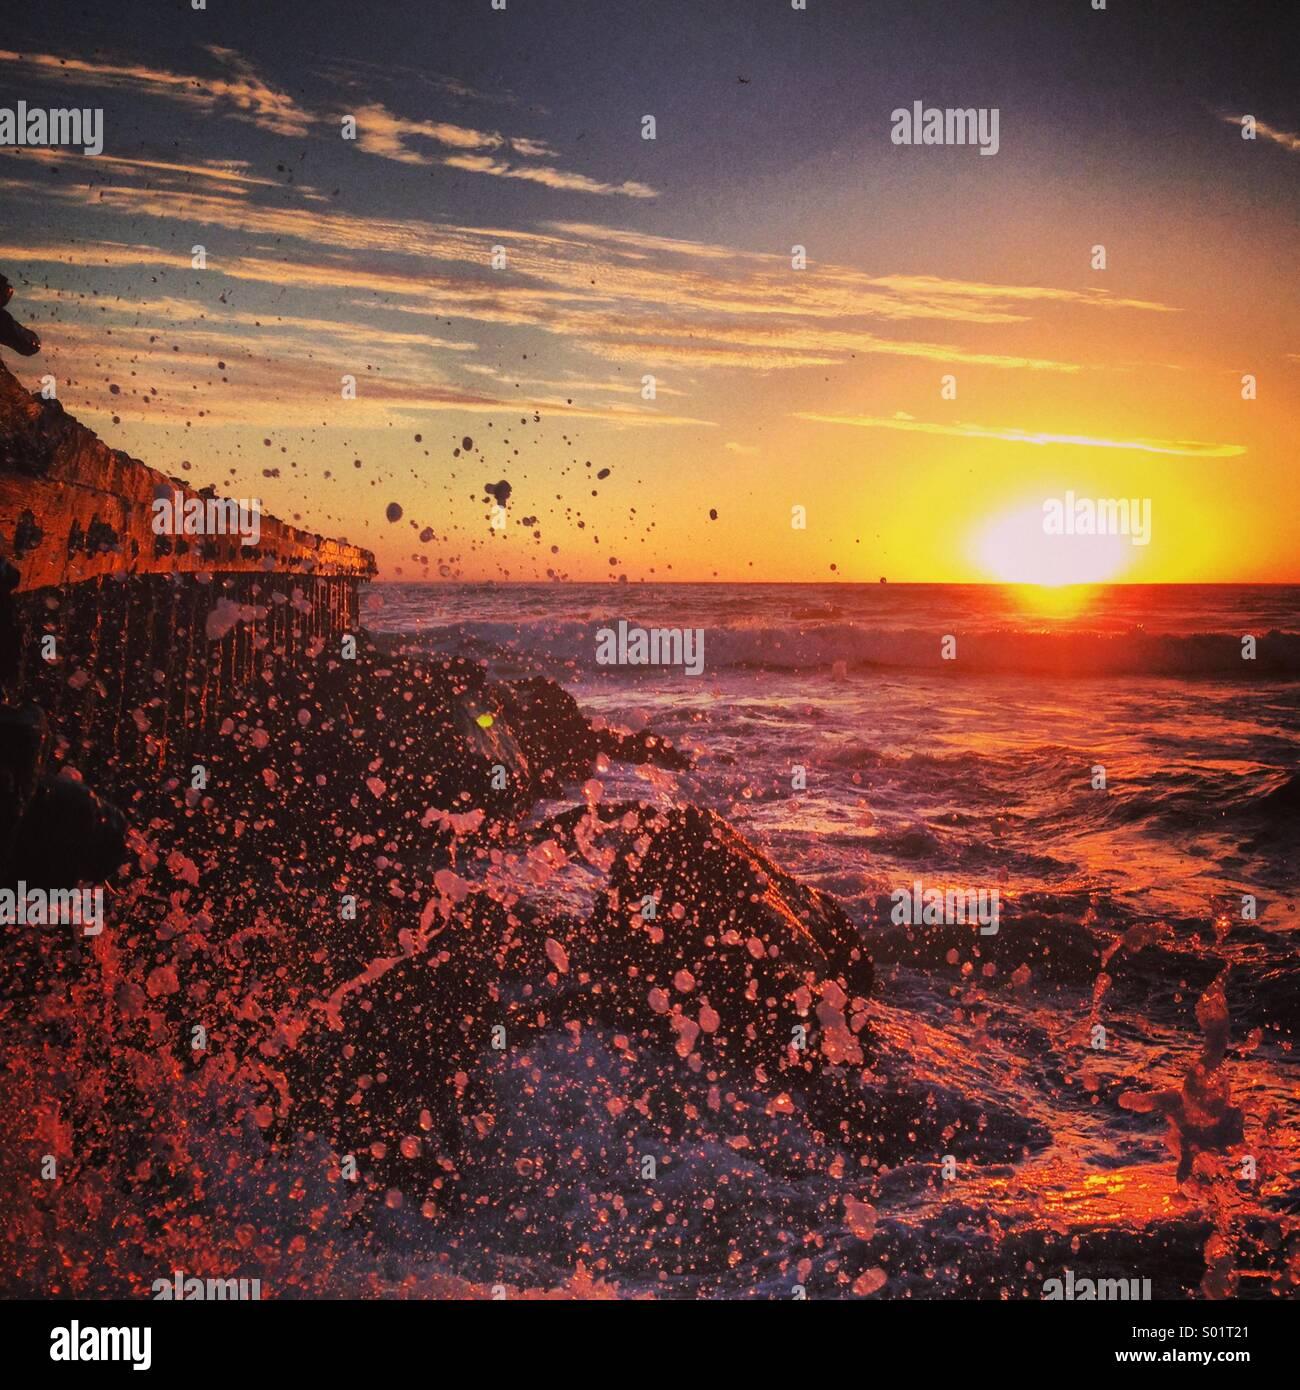 Riesige Welle auf Felsen während des Sonnenuntergangs. Stockbild